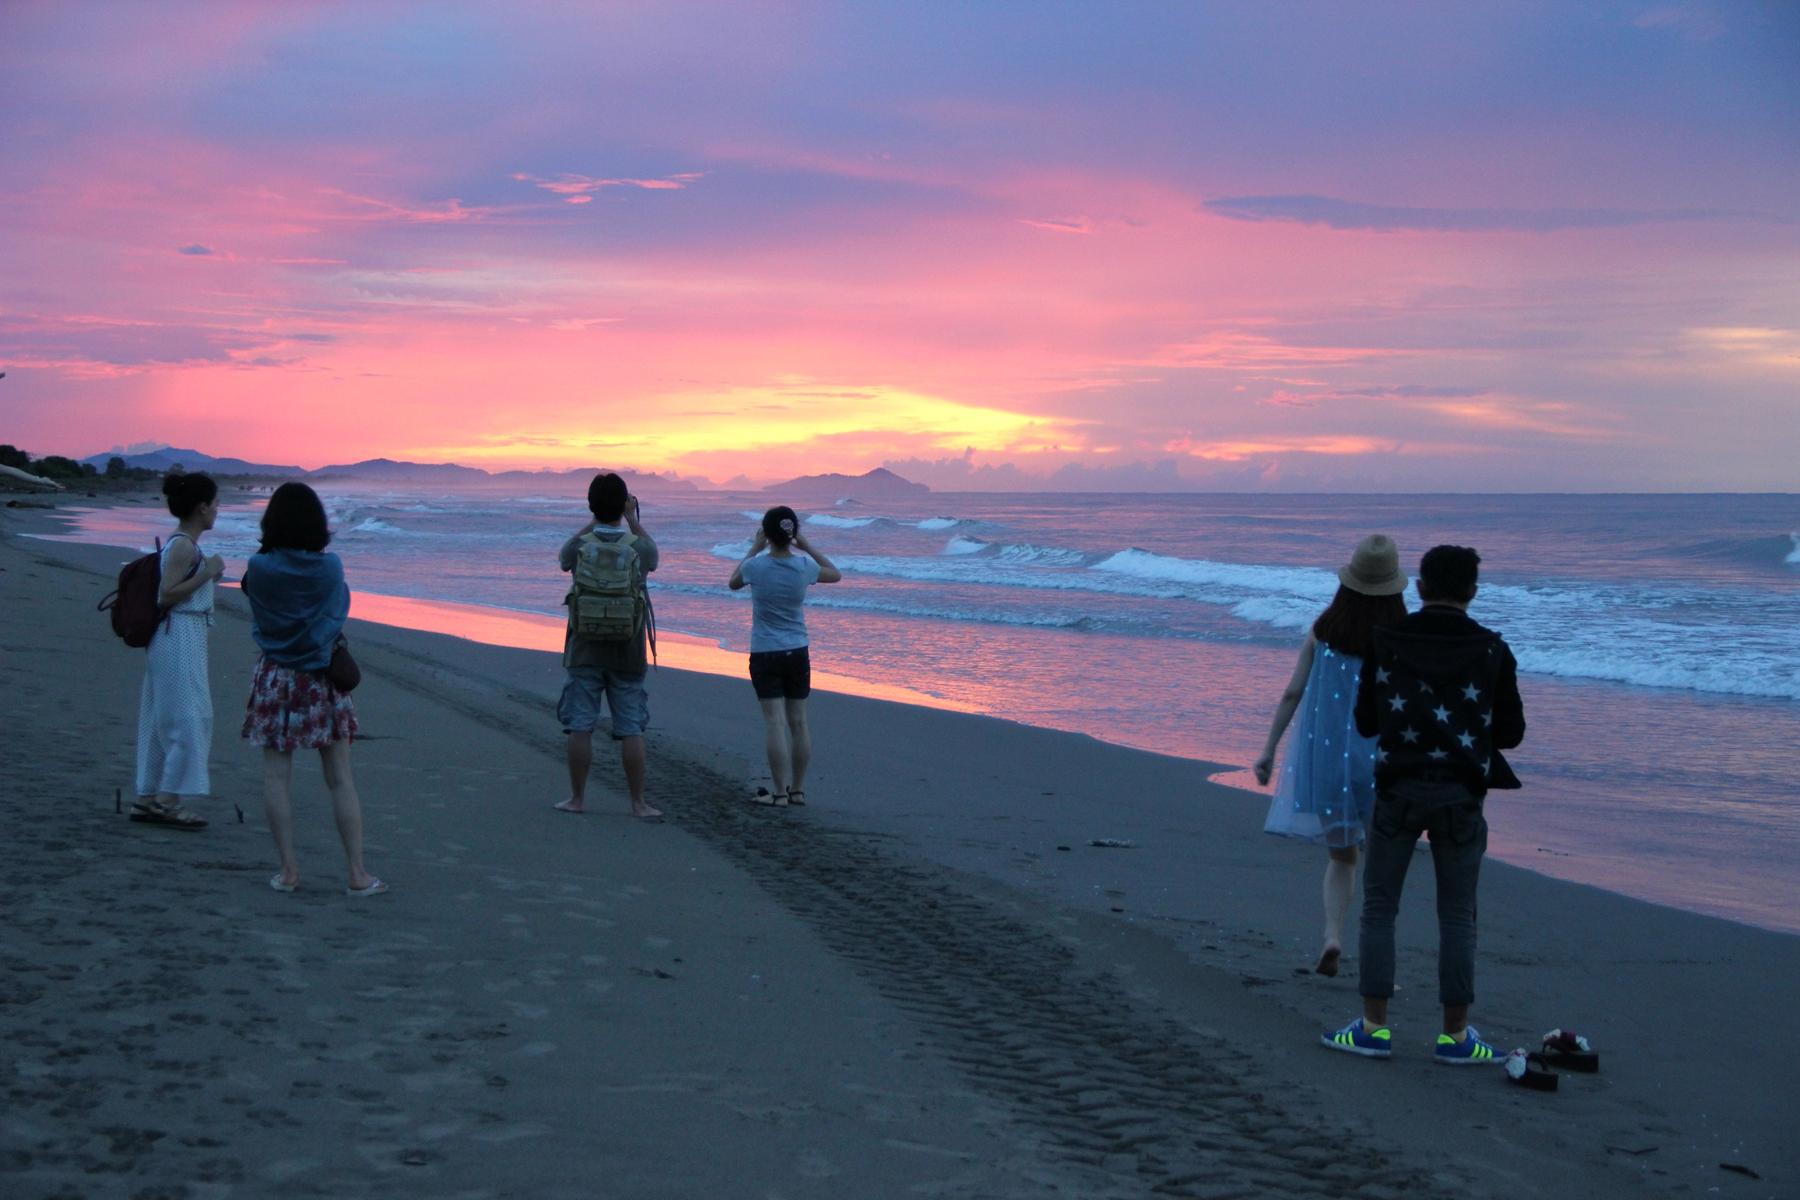 【跟着宝儿爷出境游之遇见沙巴】在最美的沙滩看日落图片